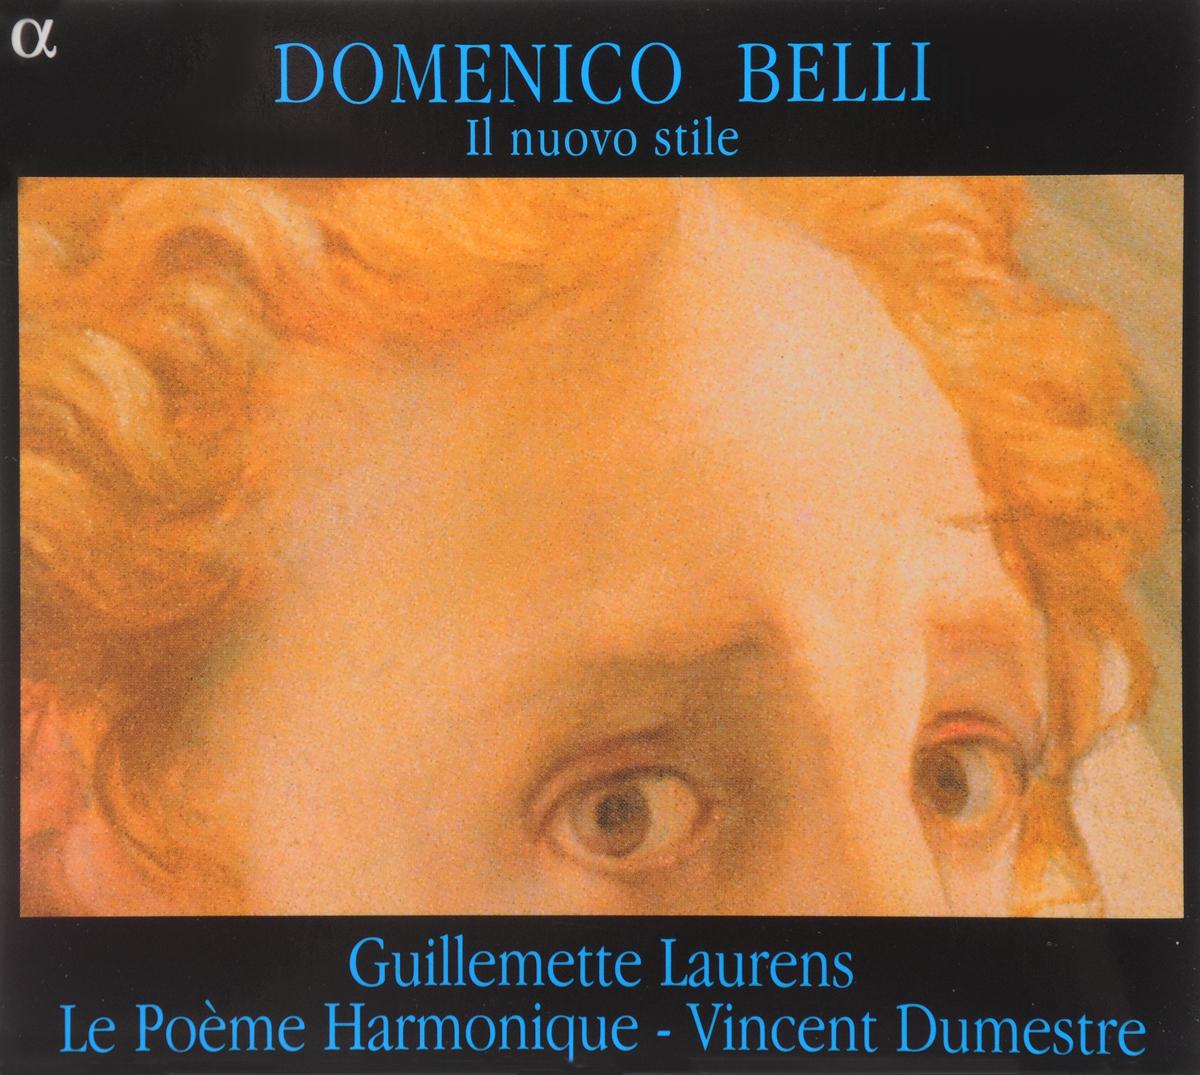 лучшая цена Domenico Belli - Guillemette Laurens, Le Poeme Harmonique - Vincent Dumestre. Il Nuovo Stile